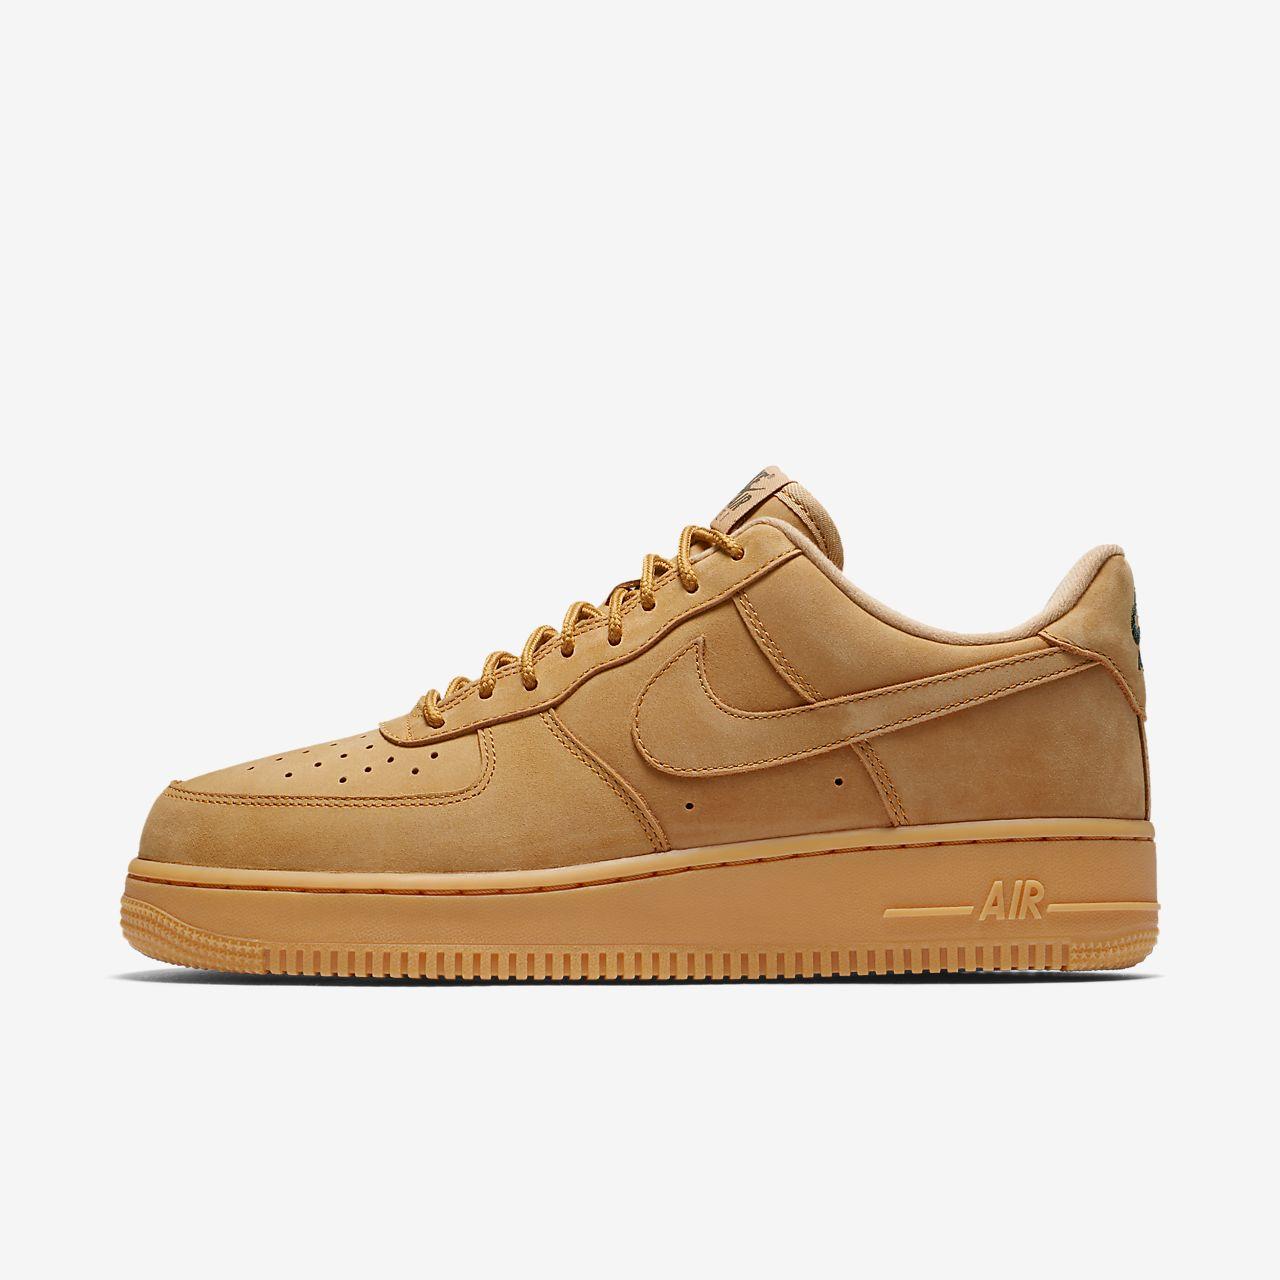 รองเท้าผู้ชาย Nike Air Force 1 '07 WB